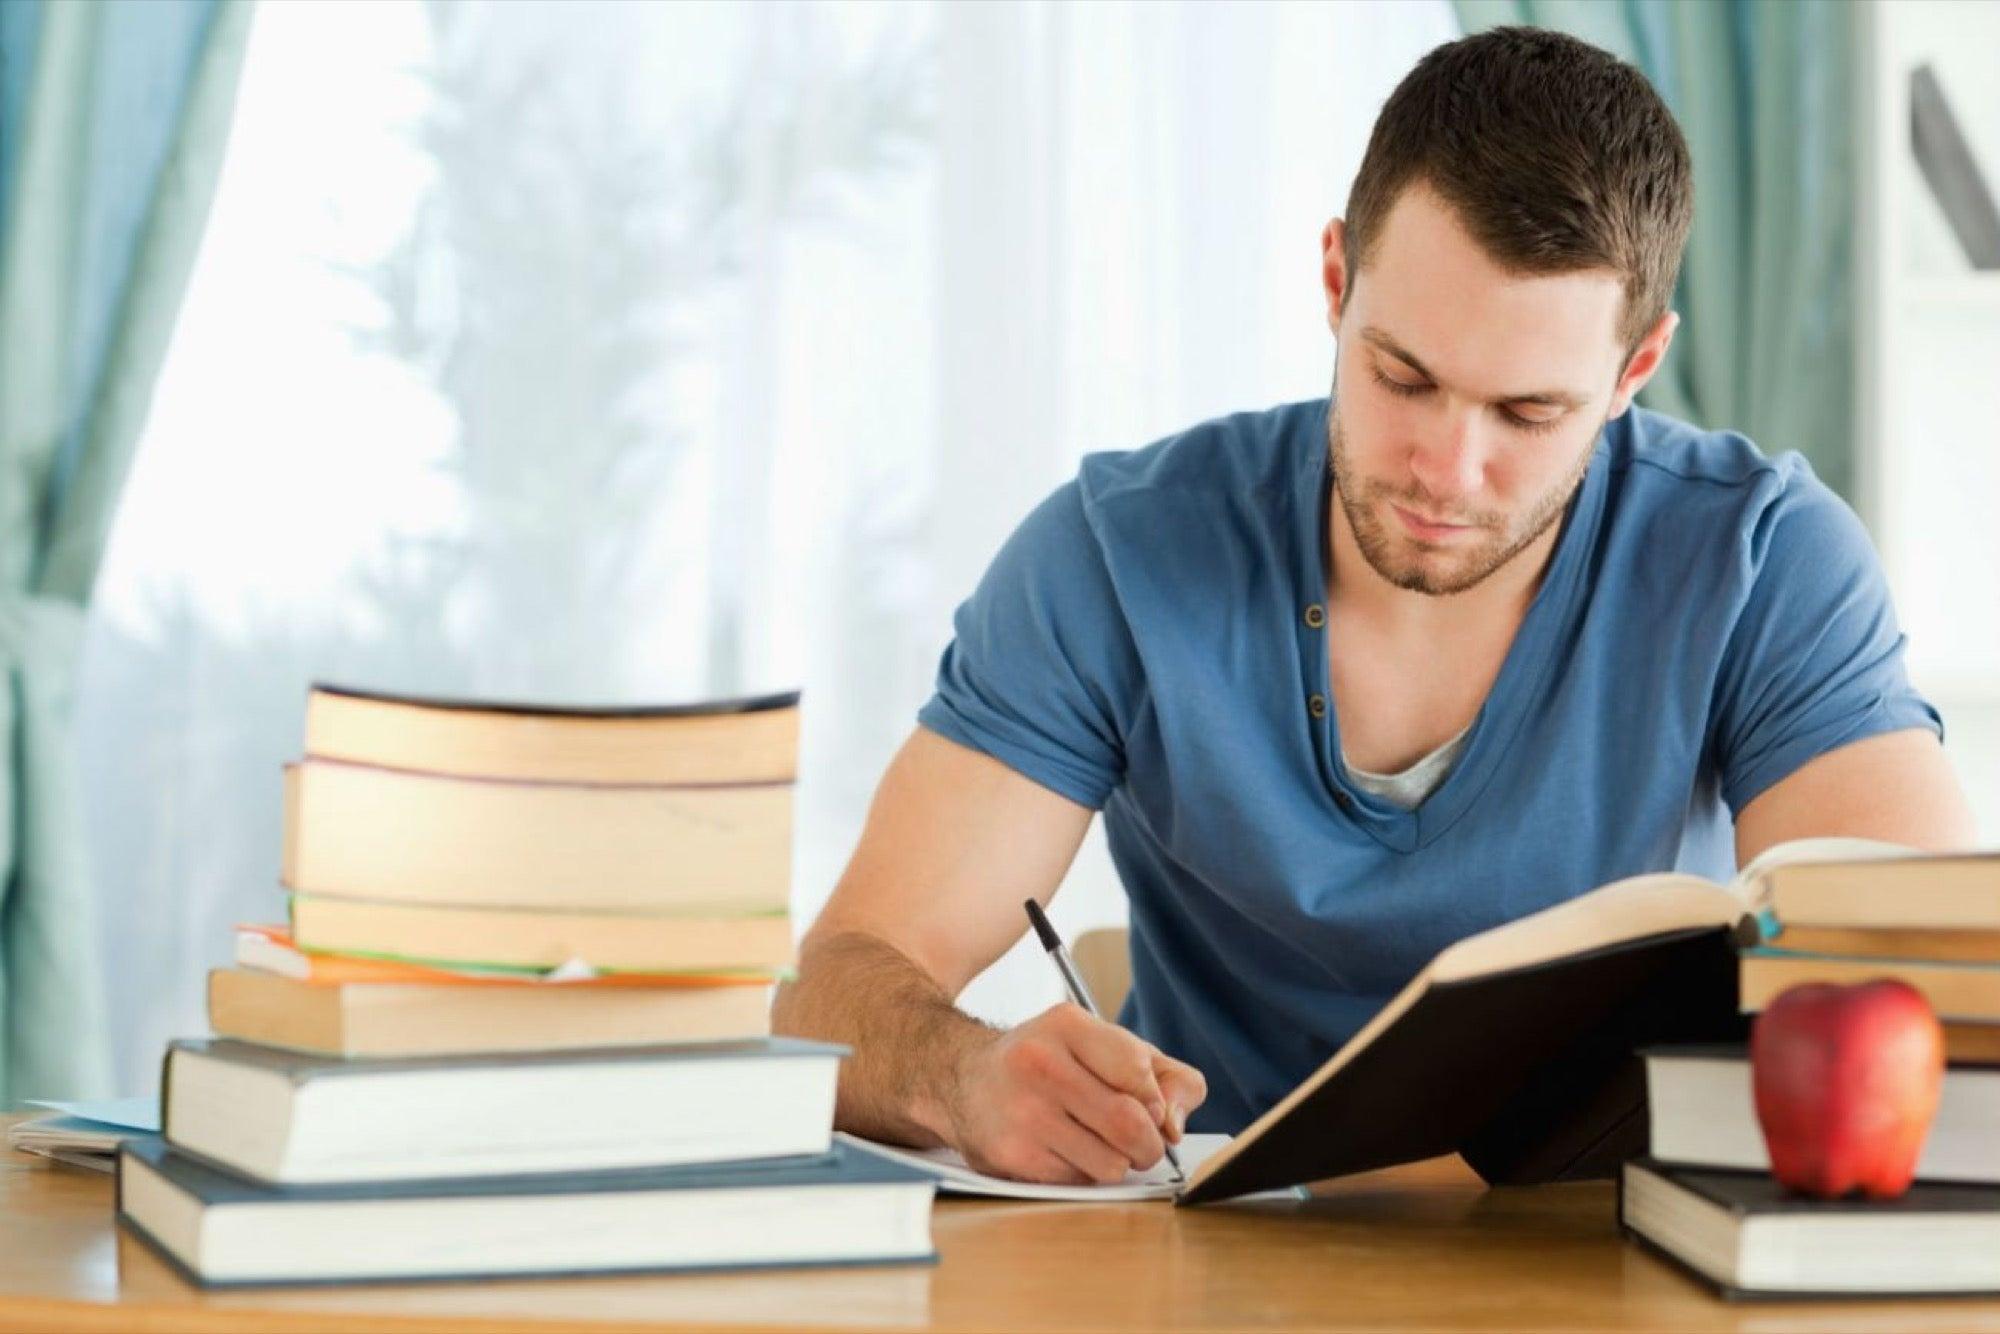 Memiliki Sikap Terus Belajar untuk menanamkan mindset seorang pengusaha